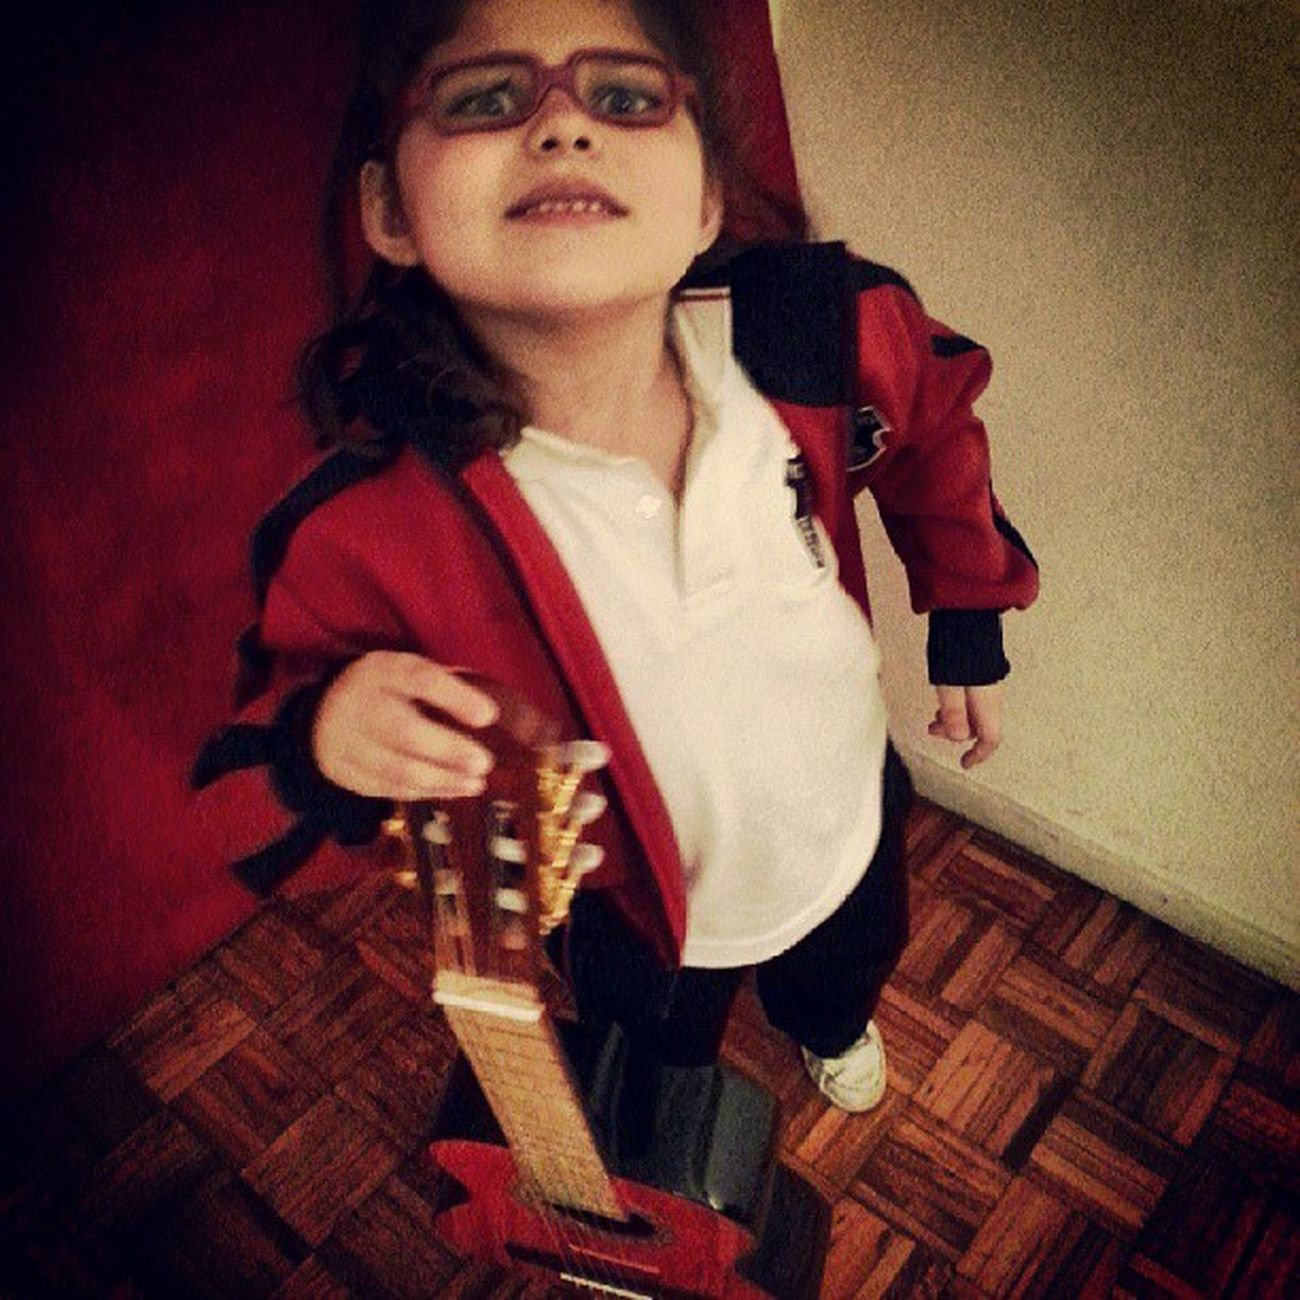 Actitud rocker, by Uma